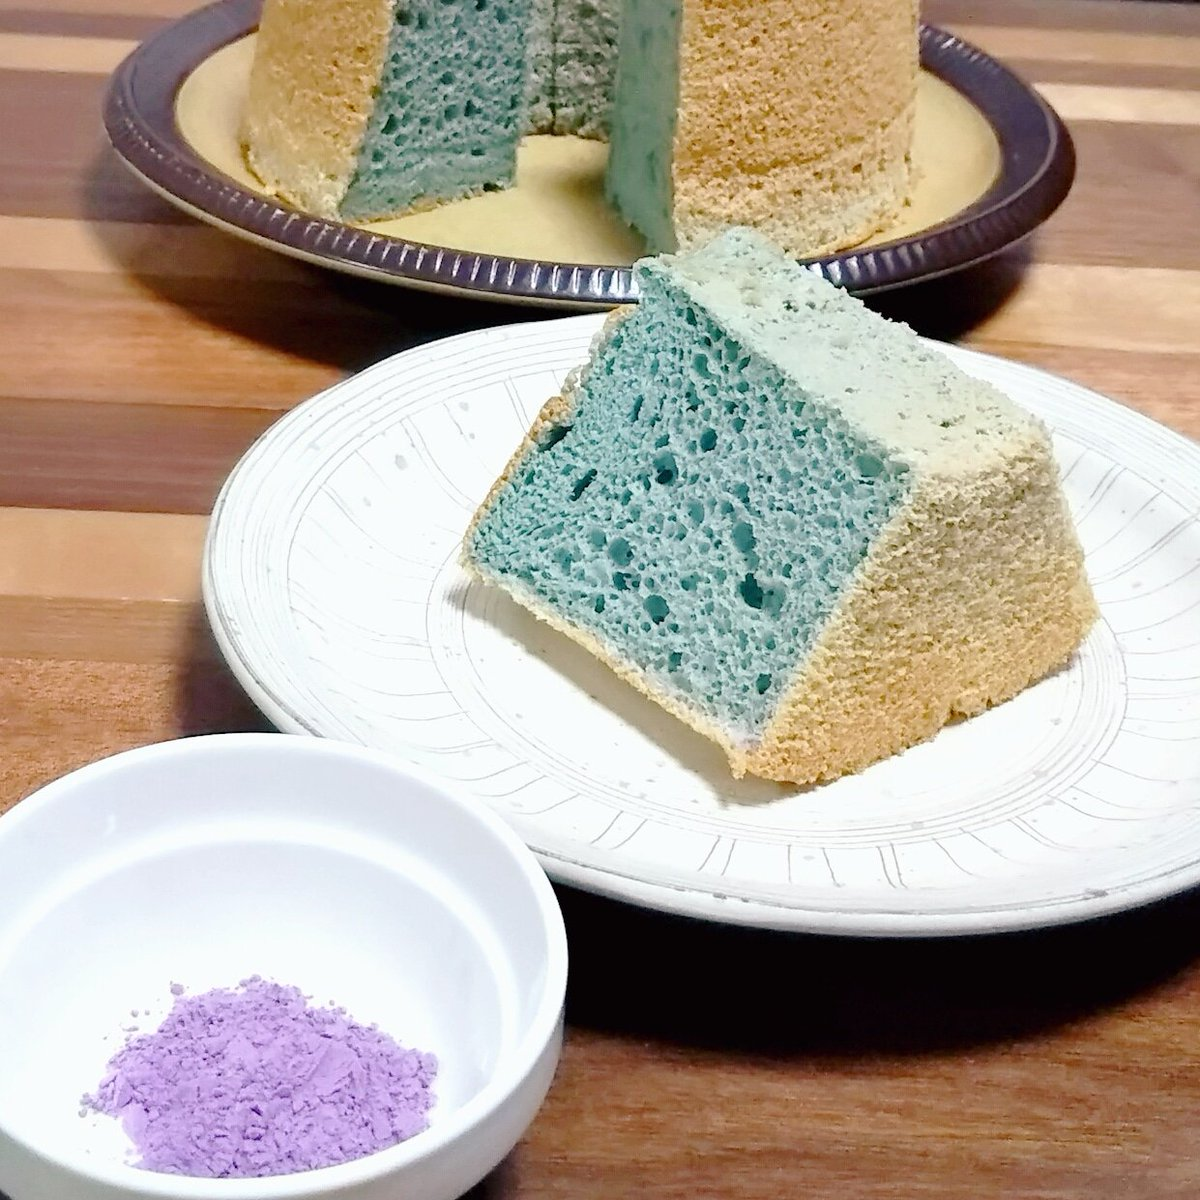 Norinoririx またシフォンケーキ 粉末紫芋入れたら青い 笑 粉の時と全然色違う 生クリームや白玉に入れた時は仕上がりも紫だったけど焼きメレンゲと今回は青 もしかして卵白とまざると青く発色させられるのかも シフォンケーキ 手作りスイーツ